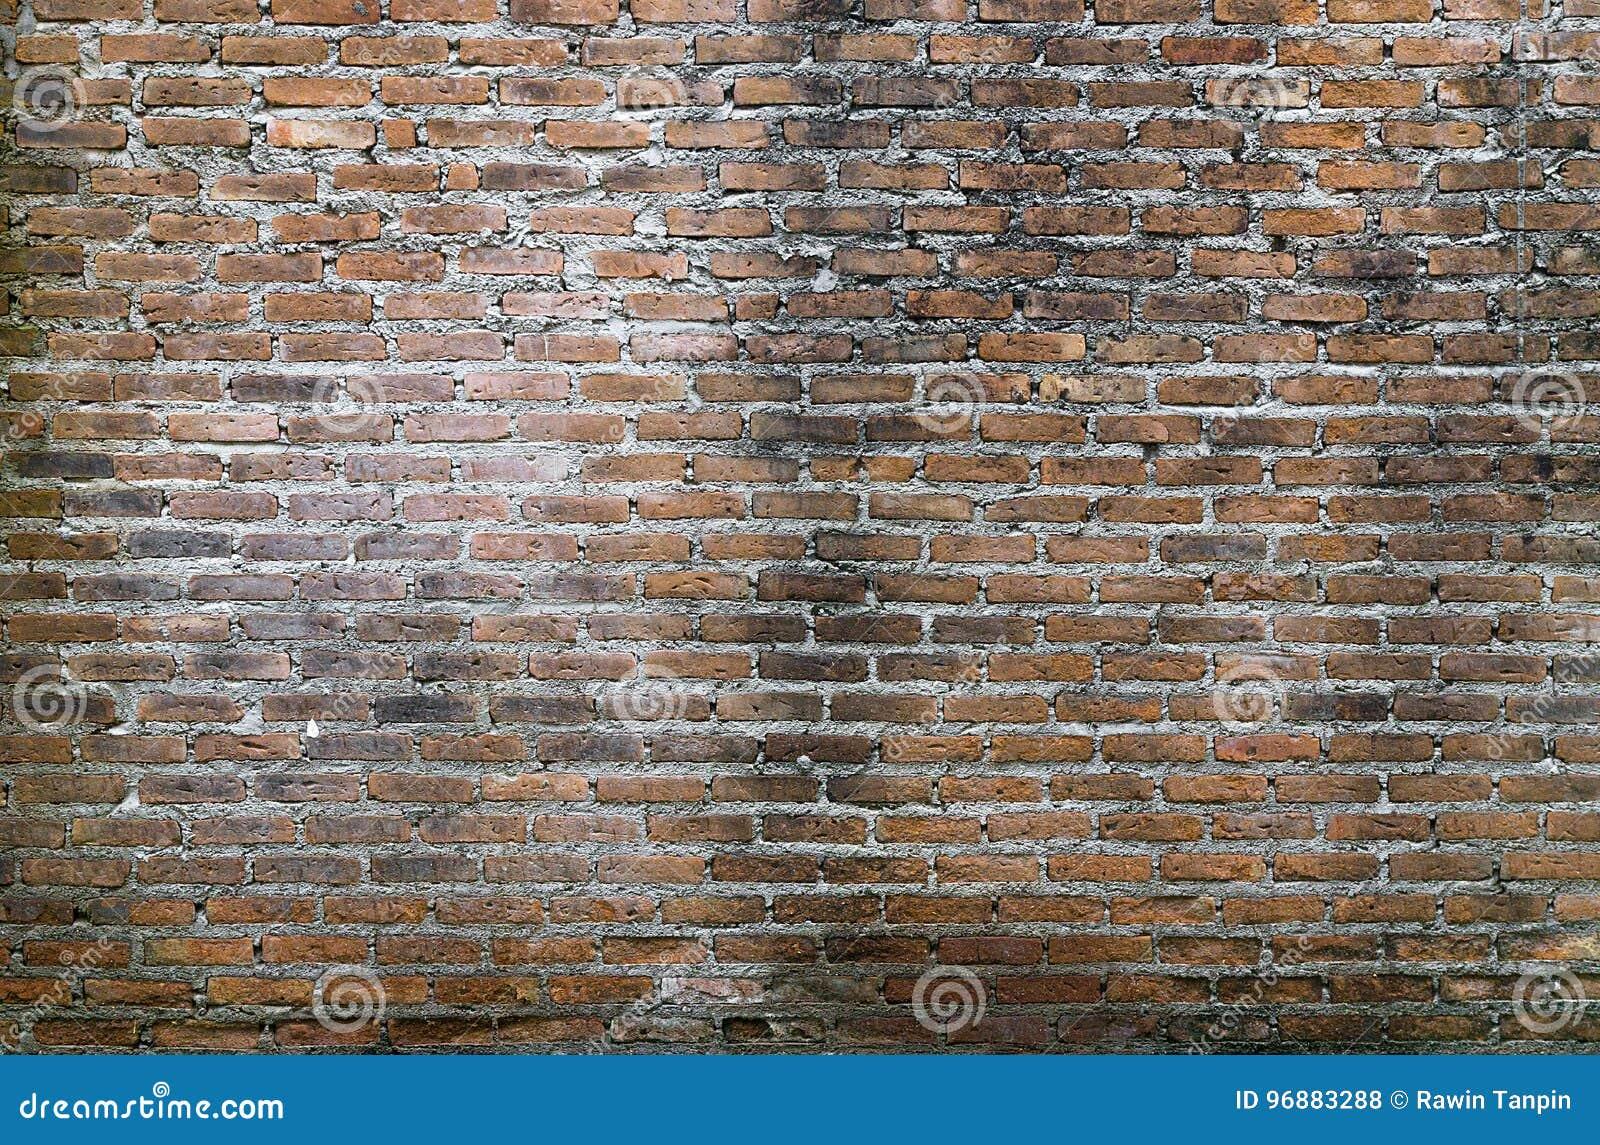 Hintergrund Der Alten Weinlesebacksteinmauer, Alter Backsteinmauerhintergrund Stockfoto   Bild ...